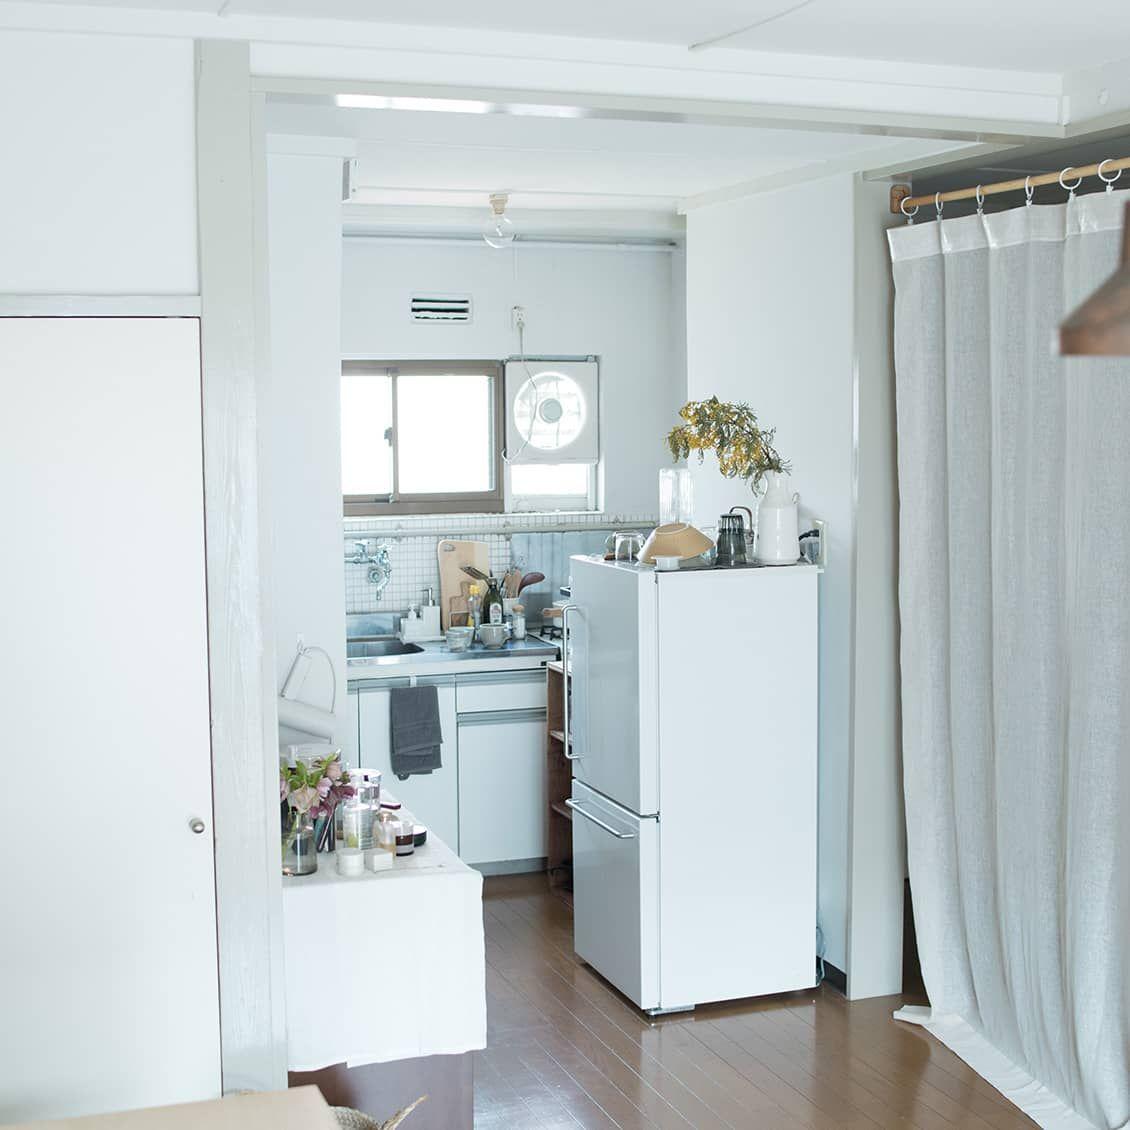 36平米ワンルーム 1人暮らし 心地いい家具配置のヒントは 目線 にあり インテリア インテリア コツ アパートのインテリア